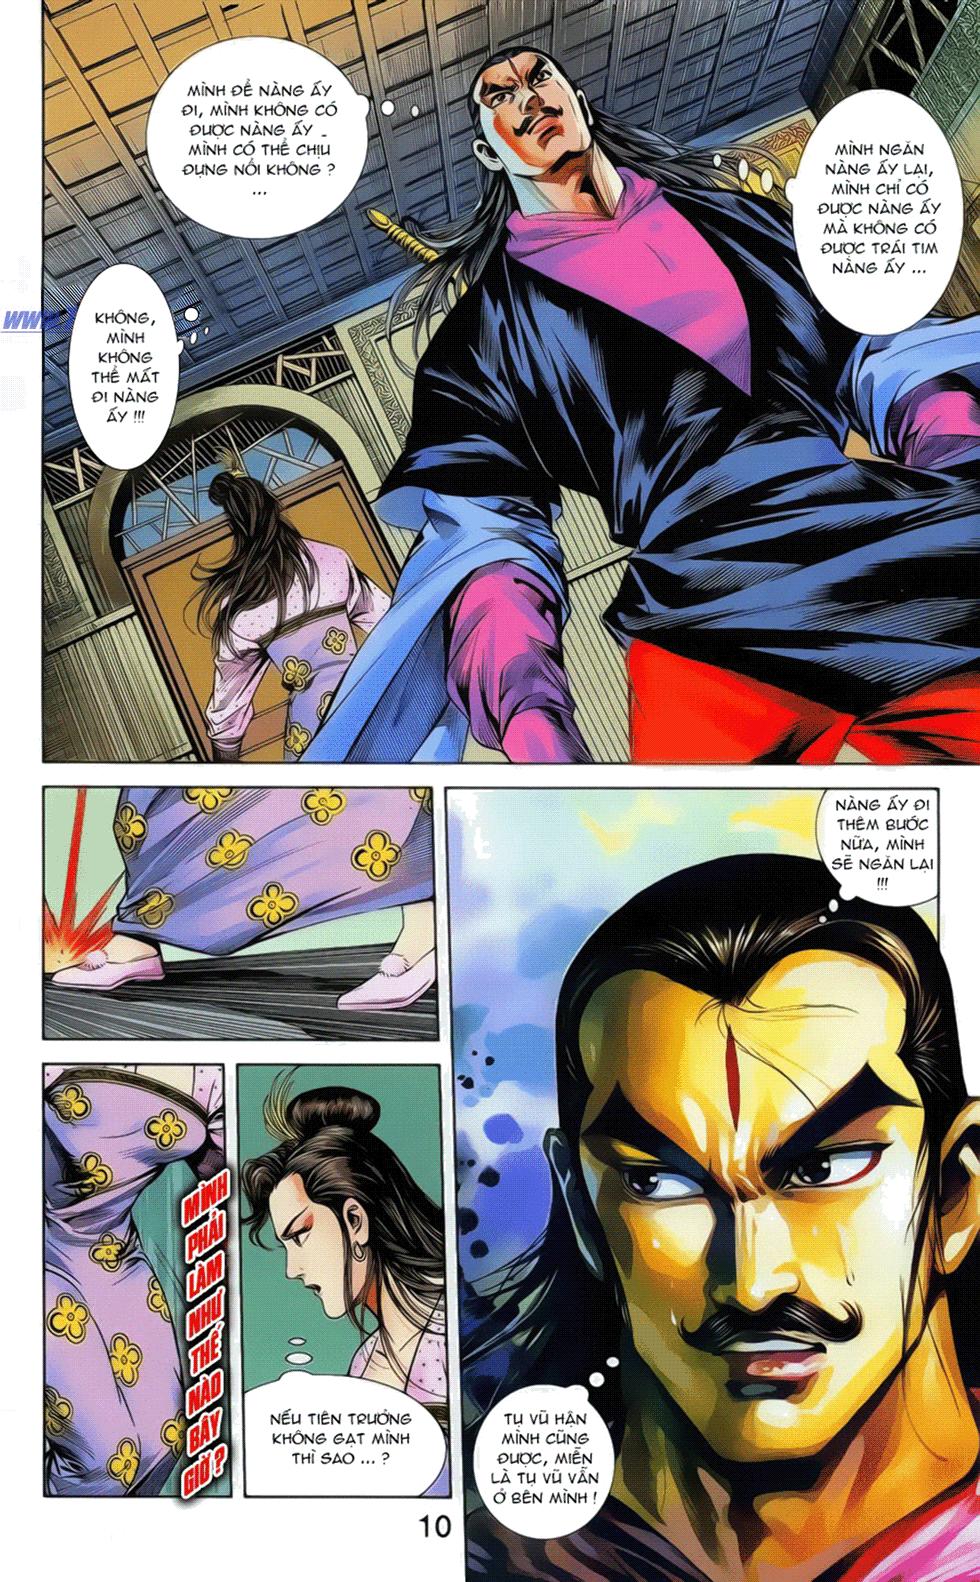 Tần Vương Doanh Chính chapter 19 trang 23